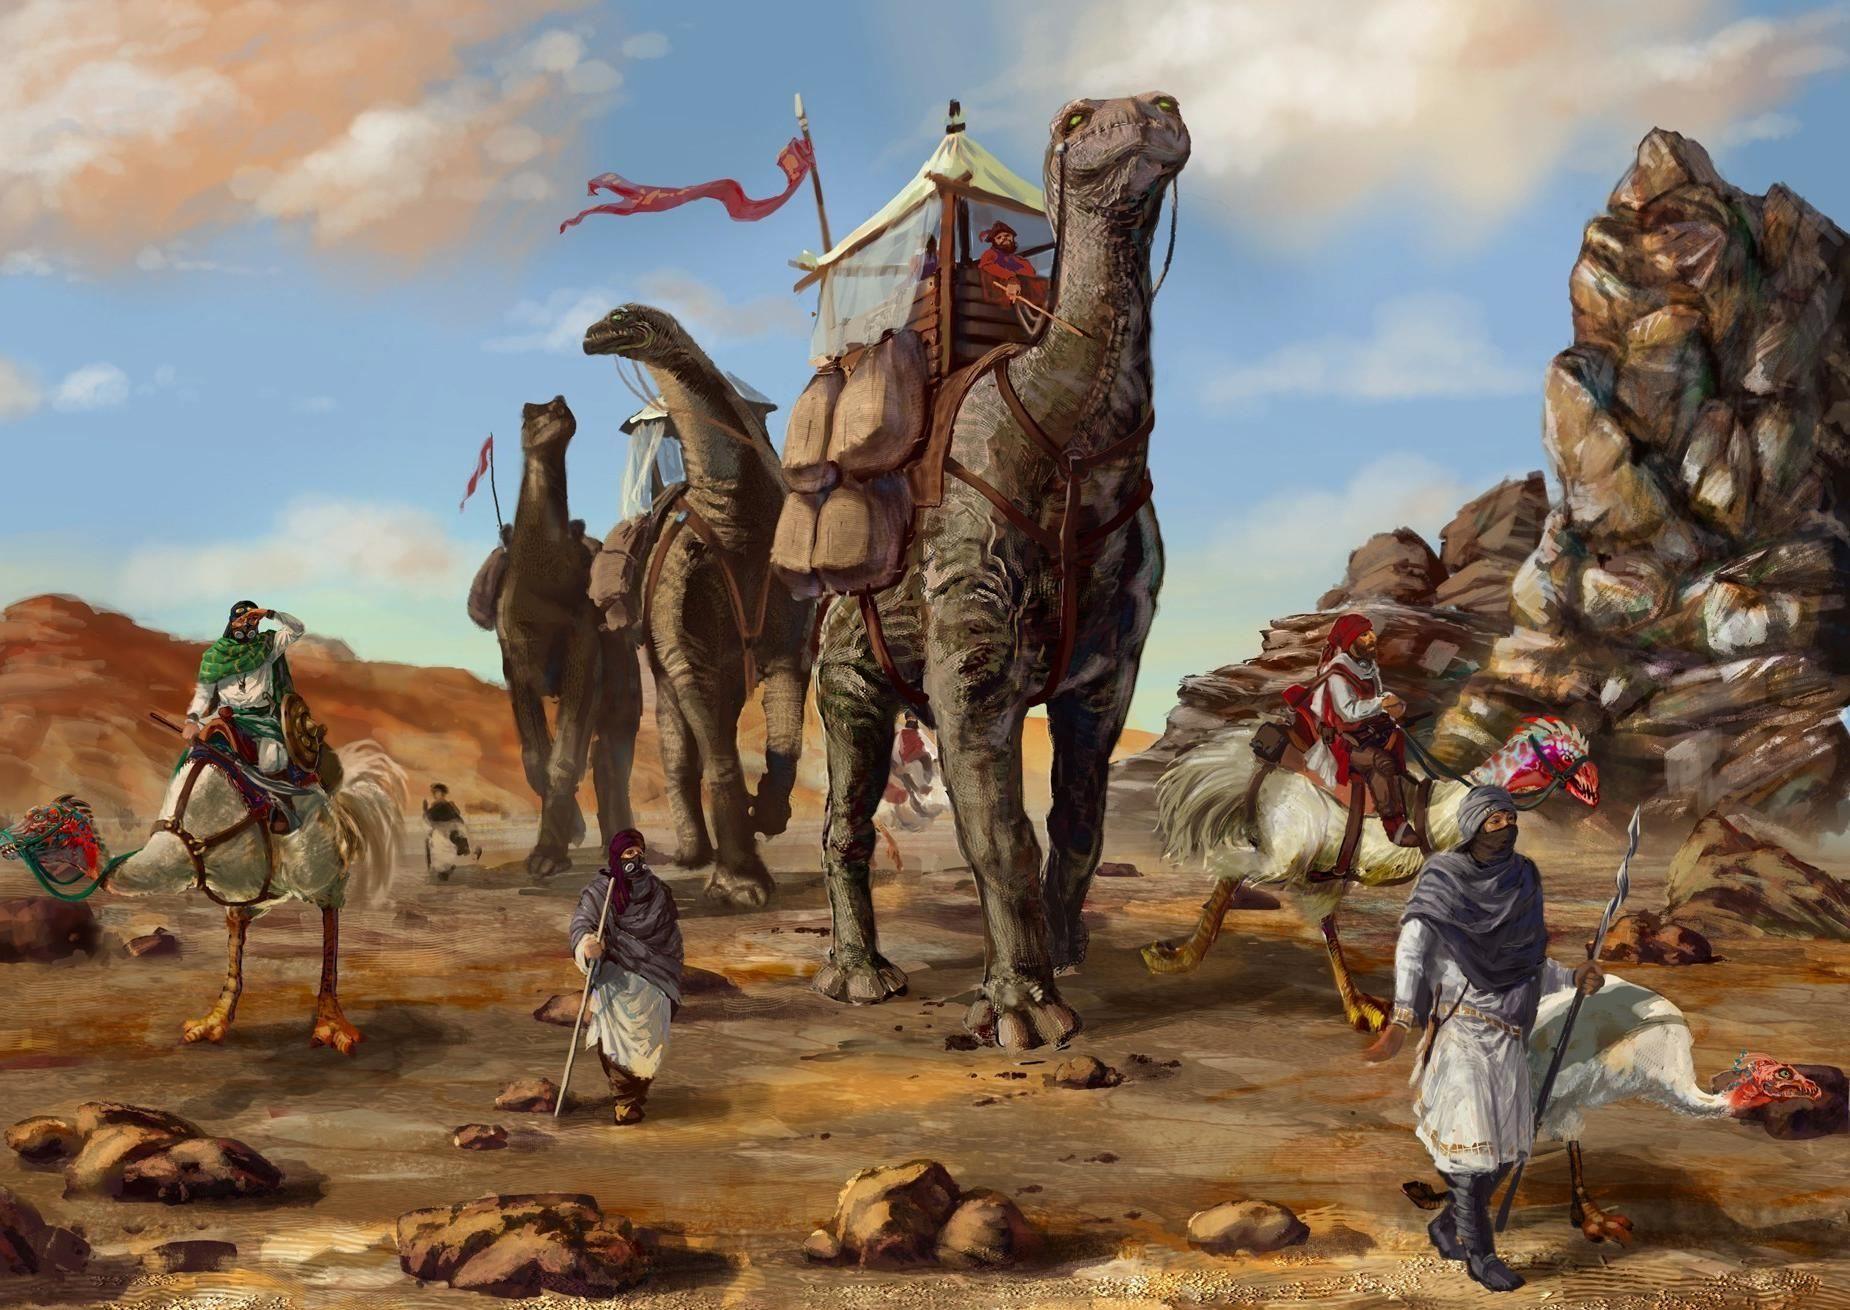 Desert Caravan Dinosaurs Bedouins 3243 Hd